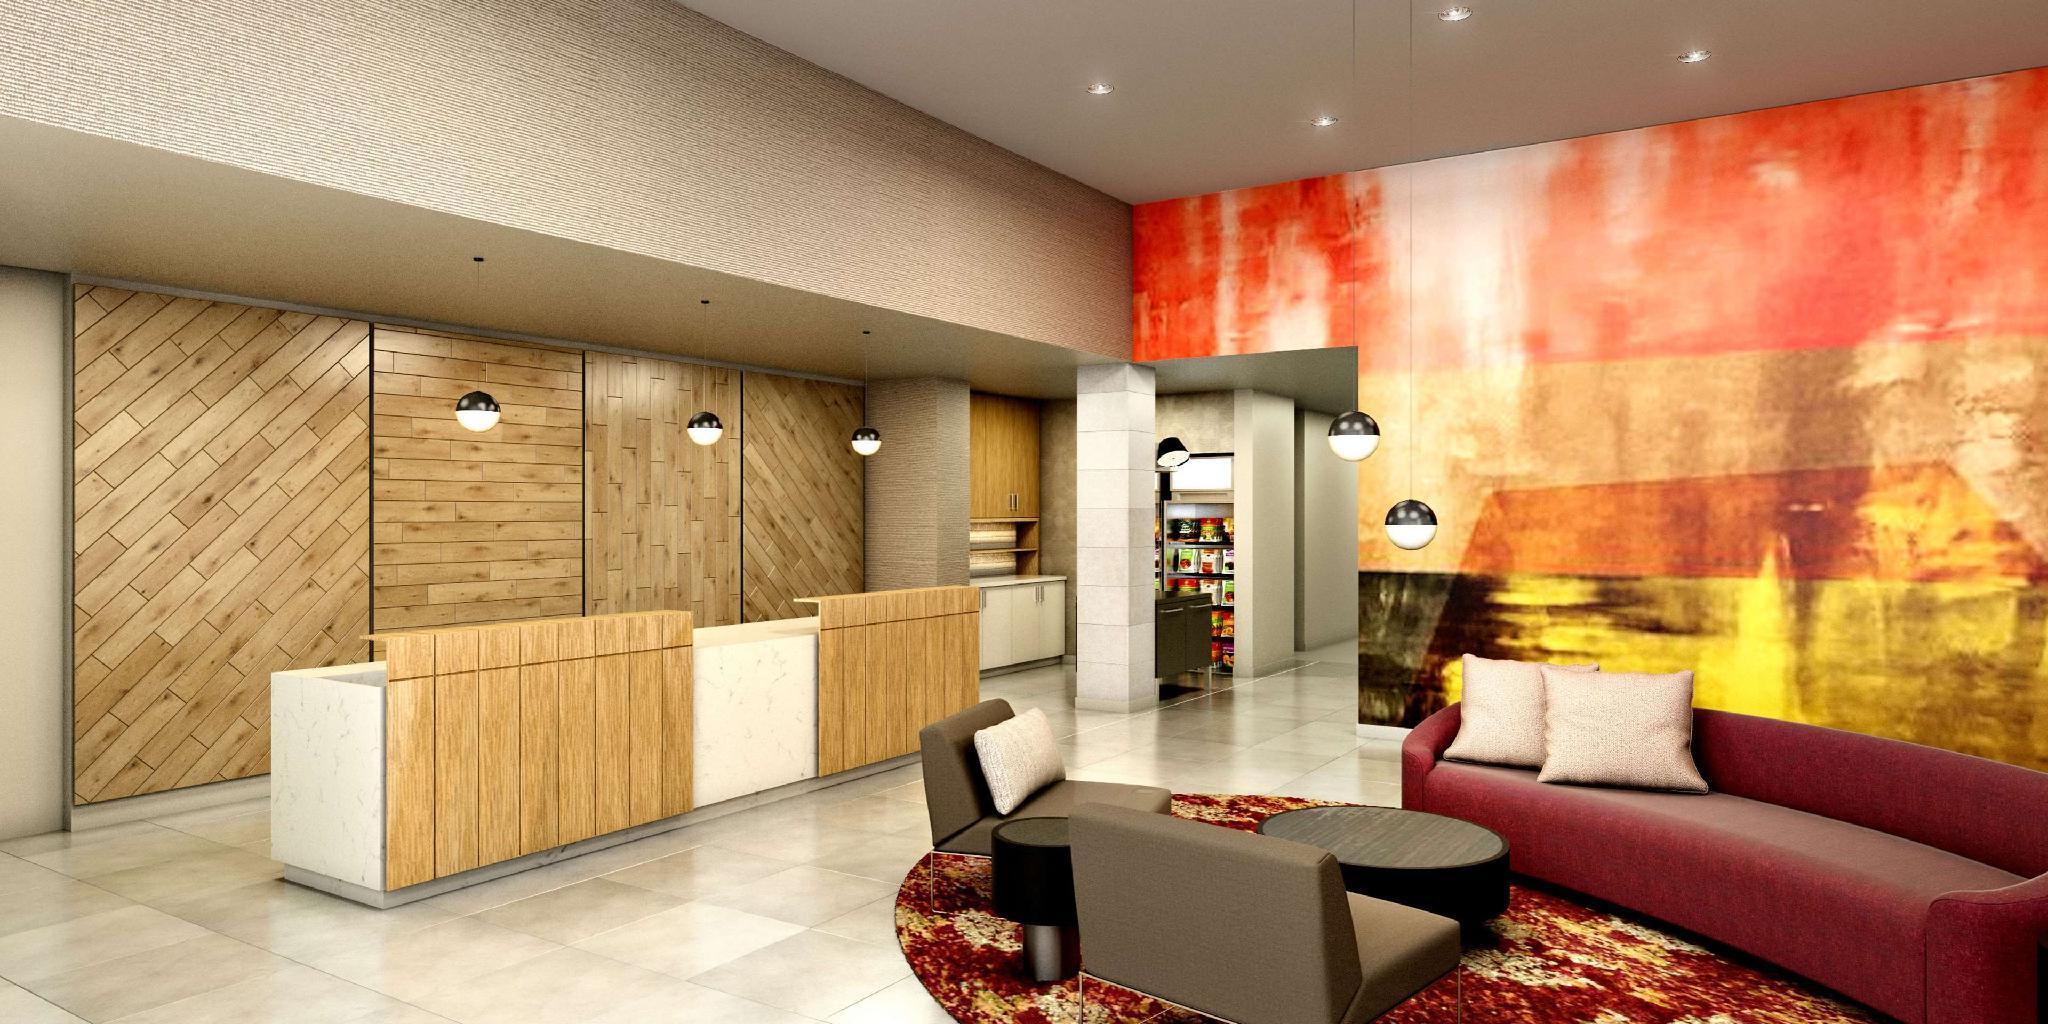 Homewood Suites by Hilton Belmont, CA